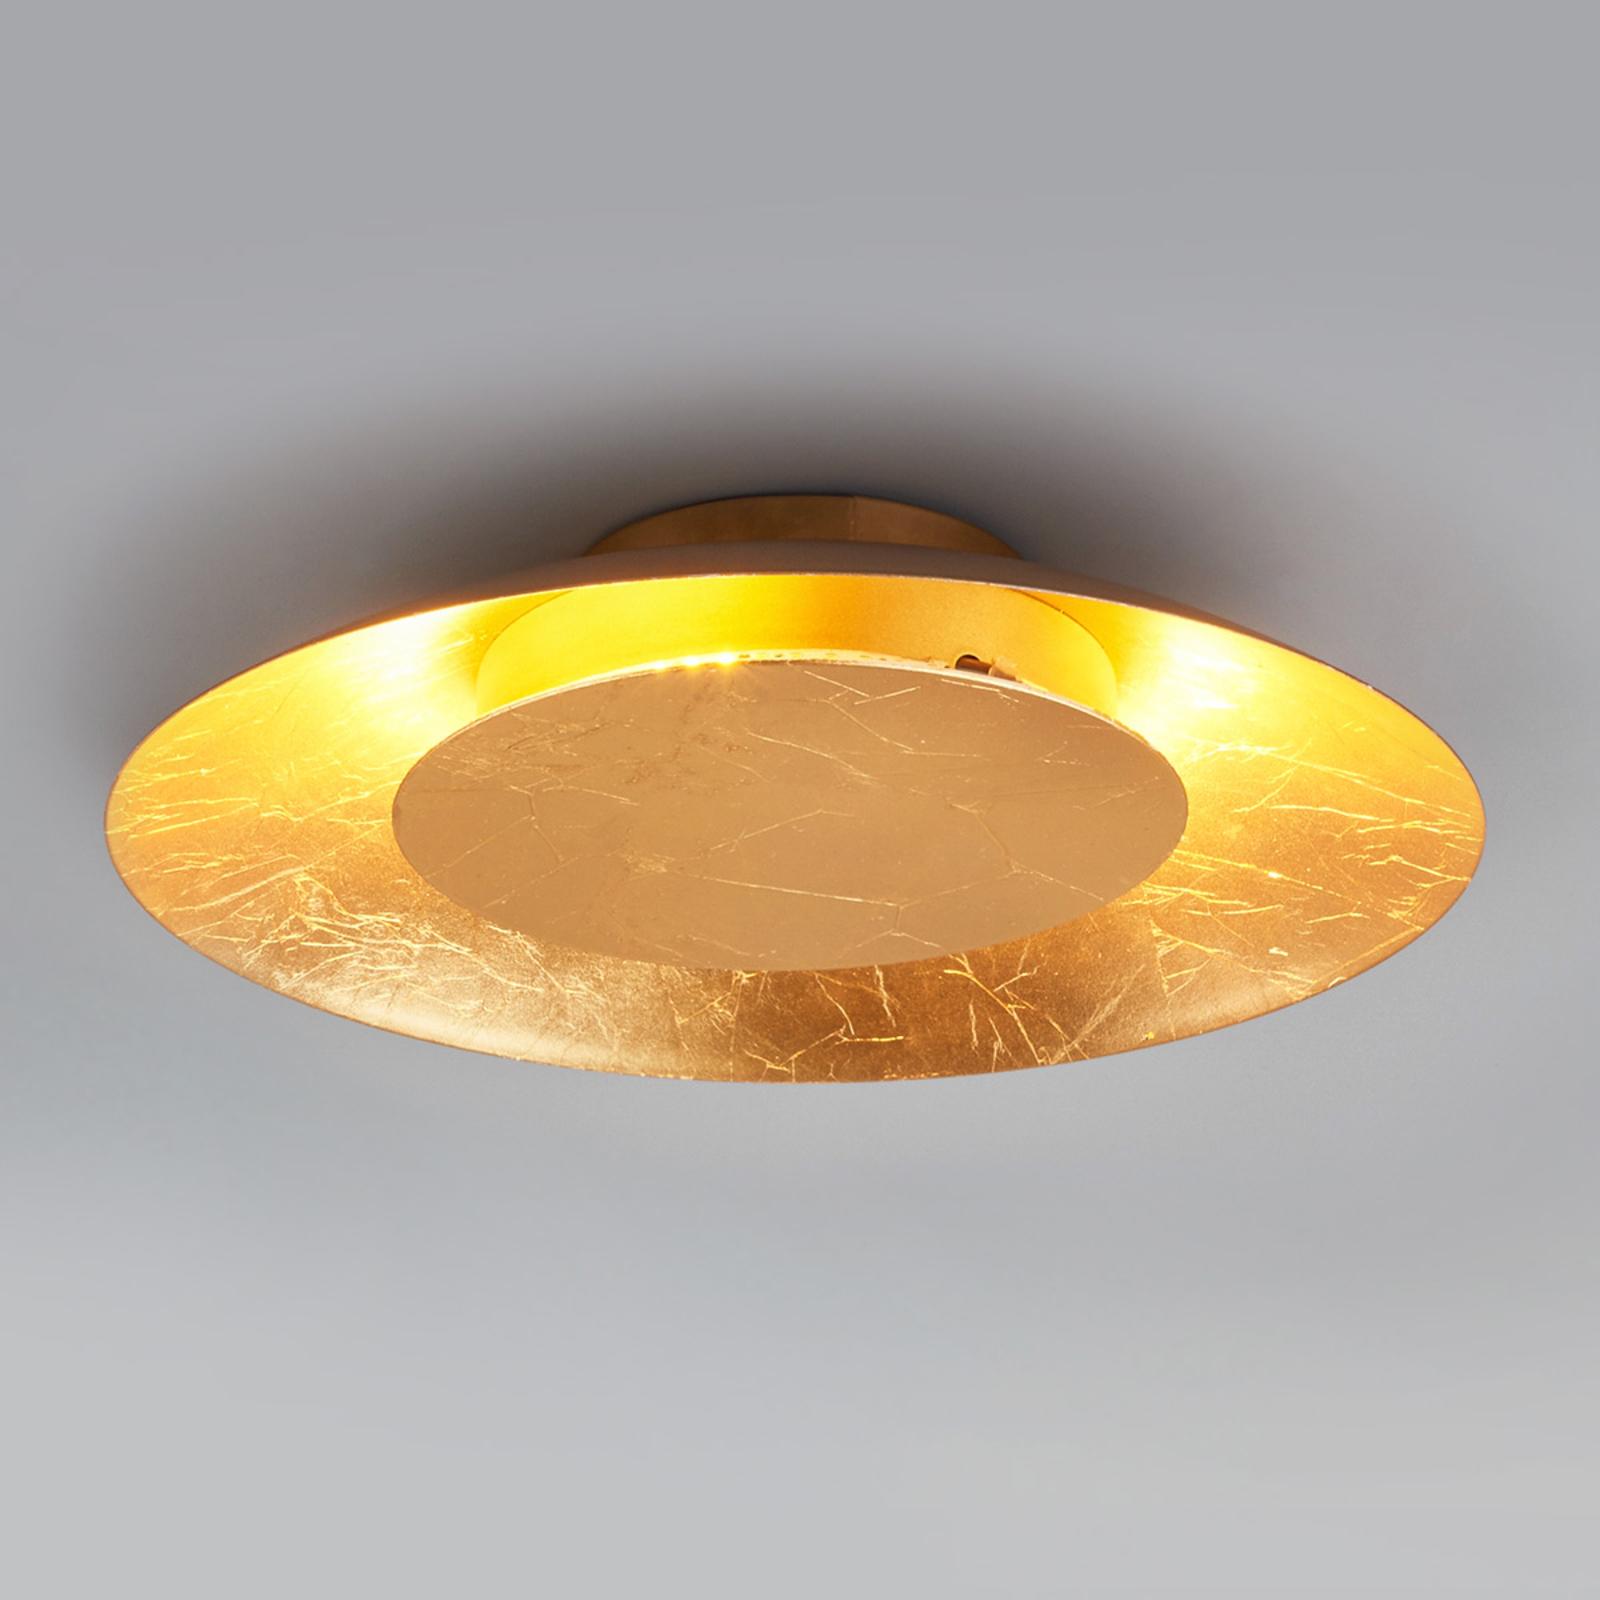 Plafonnier LED Keti aspect doré, Ø 34,5cm